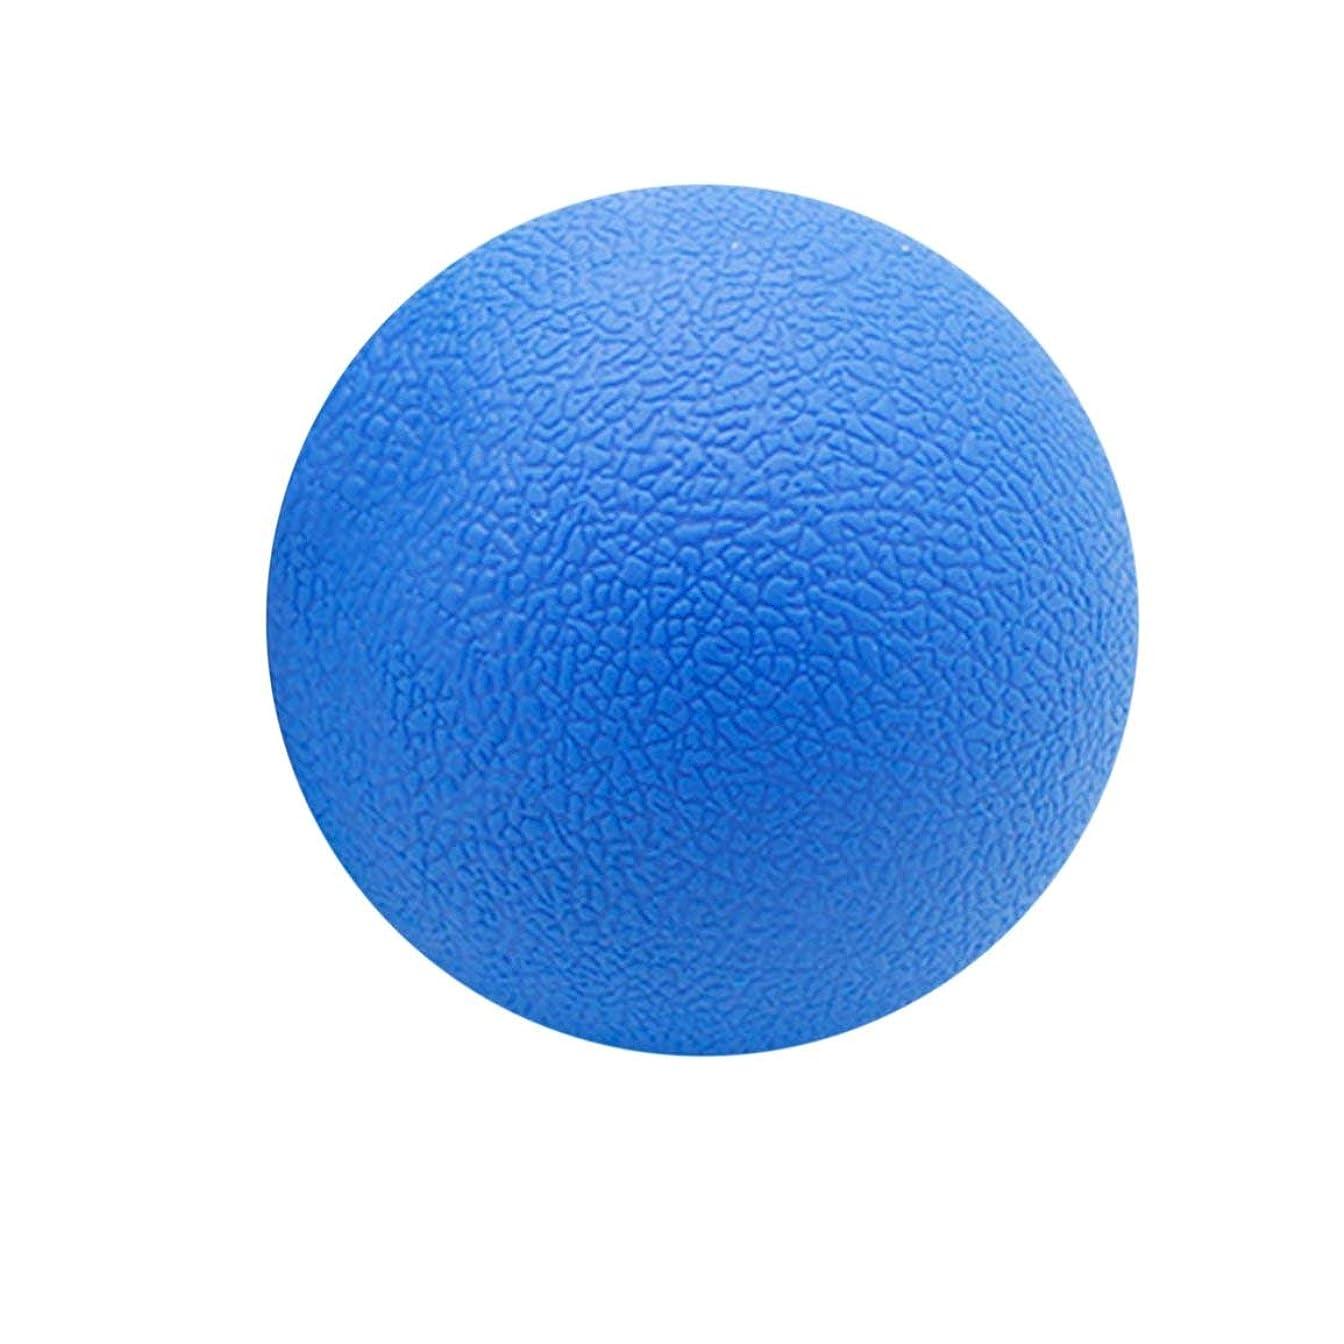 バイナリフェミニンオンフィットネス緩和ジムシングルボールマッサージボールトレーニングフェイシアホッケーボール6.3 cmマッサージフィットネスボールリラックスマッスルボール - ブルー